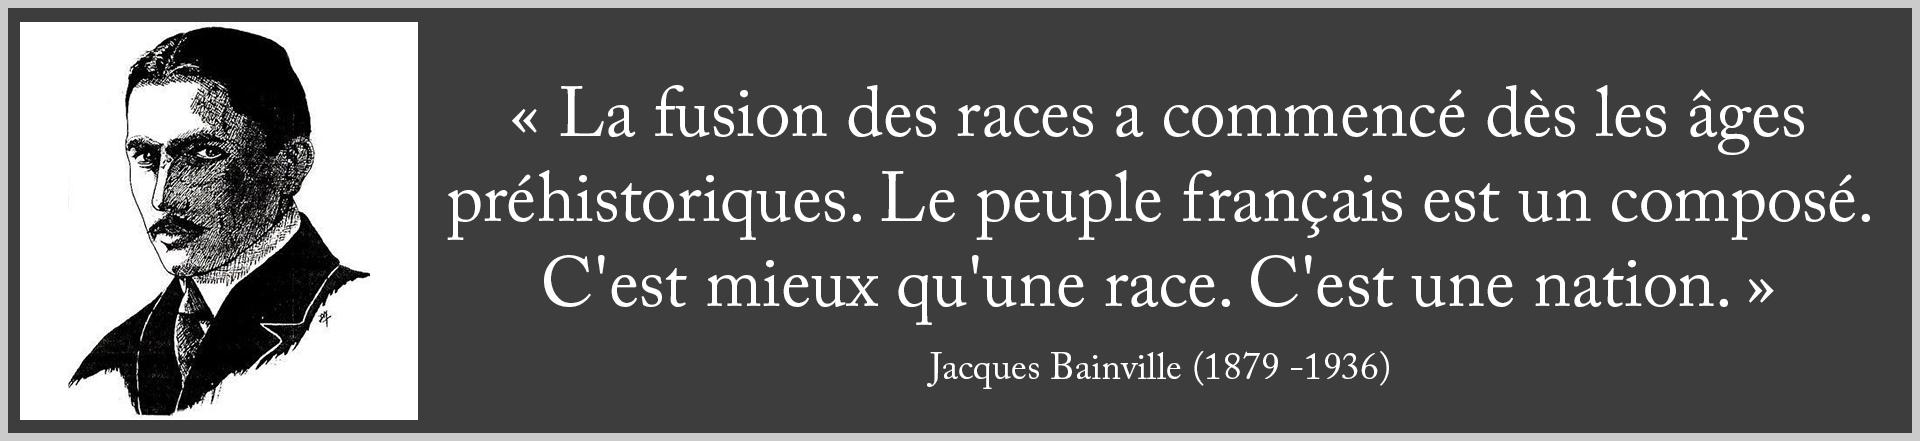 La fusion des races Jacques Bainville Danny D'Purb dpurb